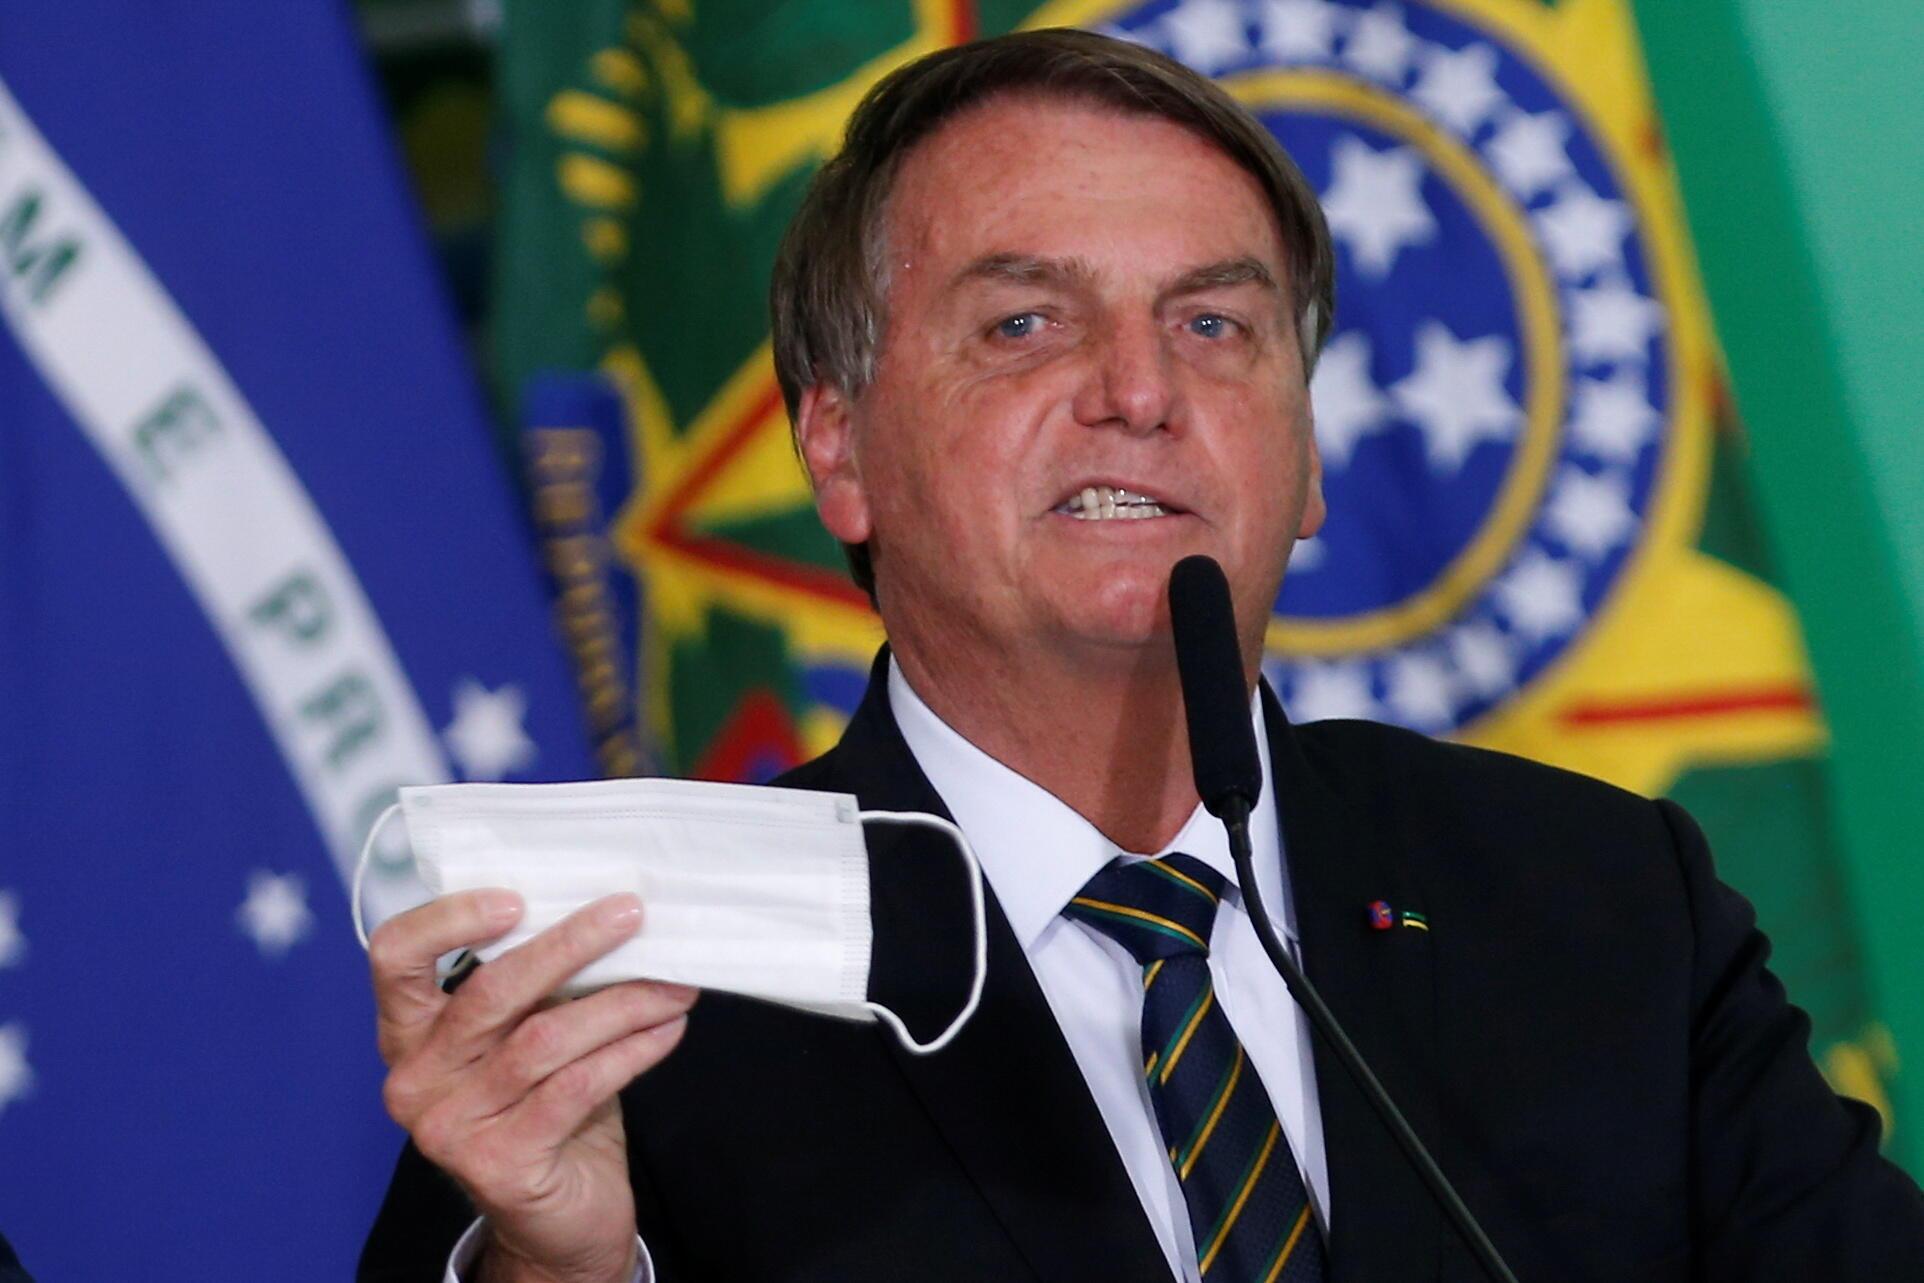 Le président brésilien Jair Bolsonaro a prononcé un discours contre les gestes-barrière et le port des masques, le 10 juin 2021 à Brasilia.